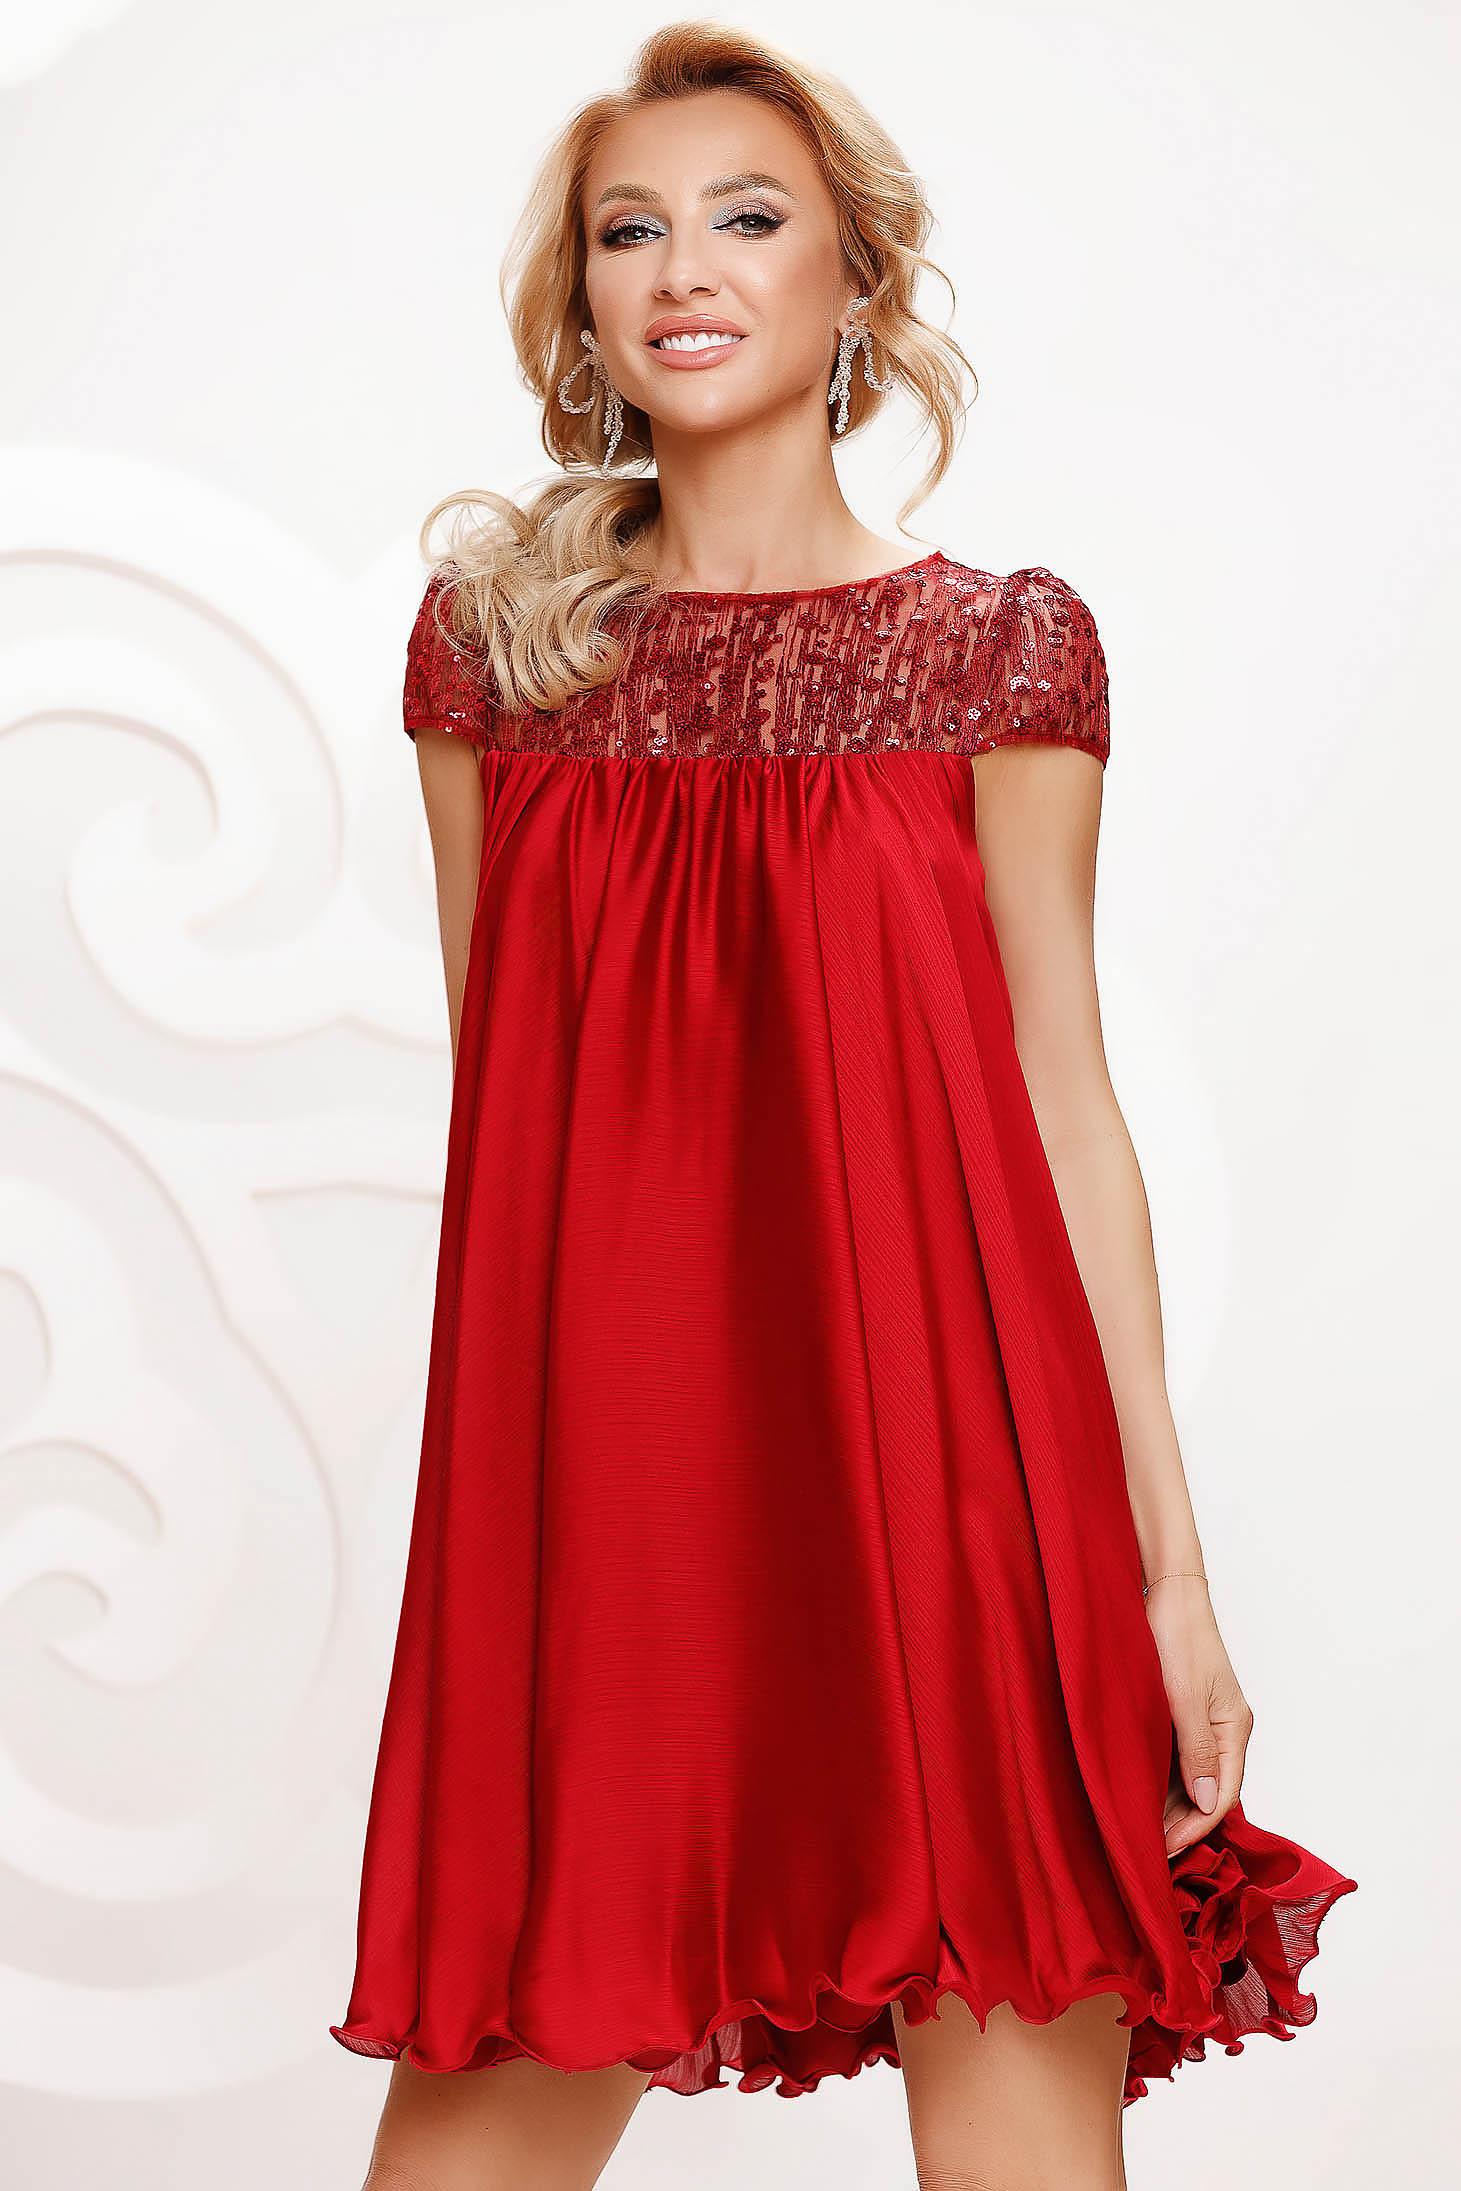 Alkalmi bő szabású burgundy muszlin ruha csipke díszítéssel strassz köves díszítés